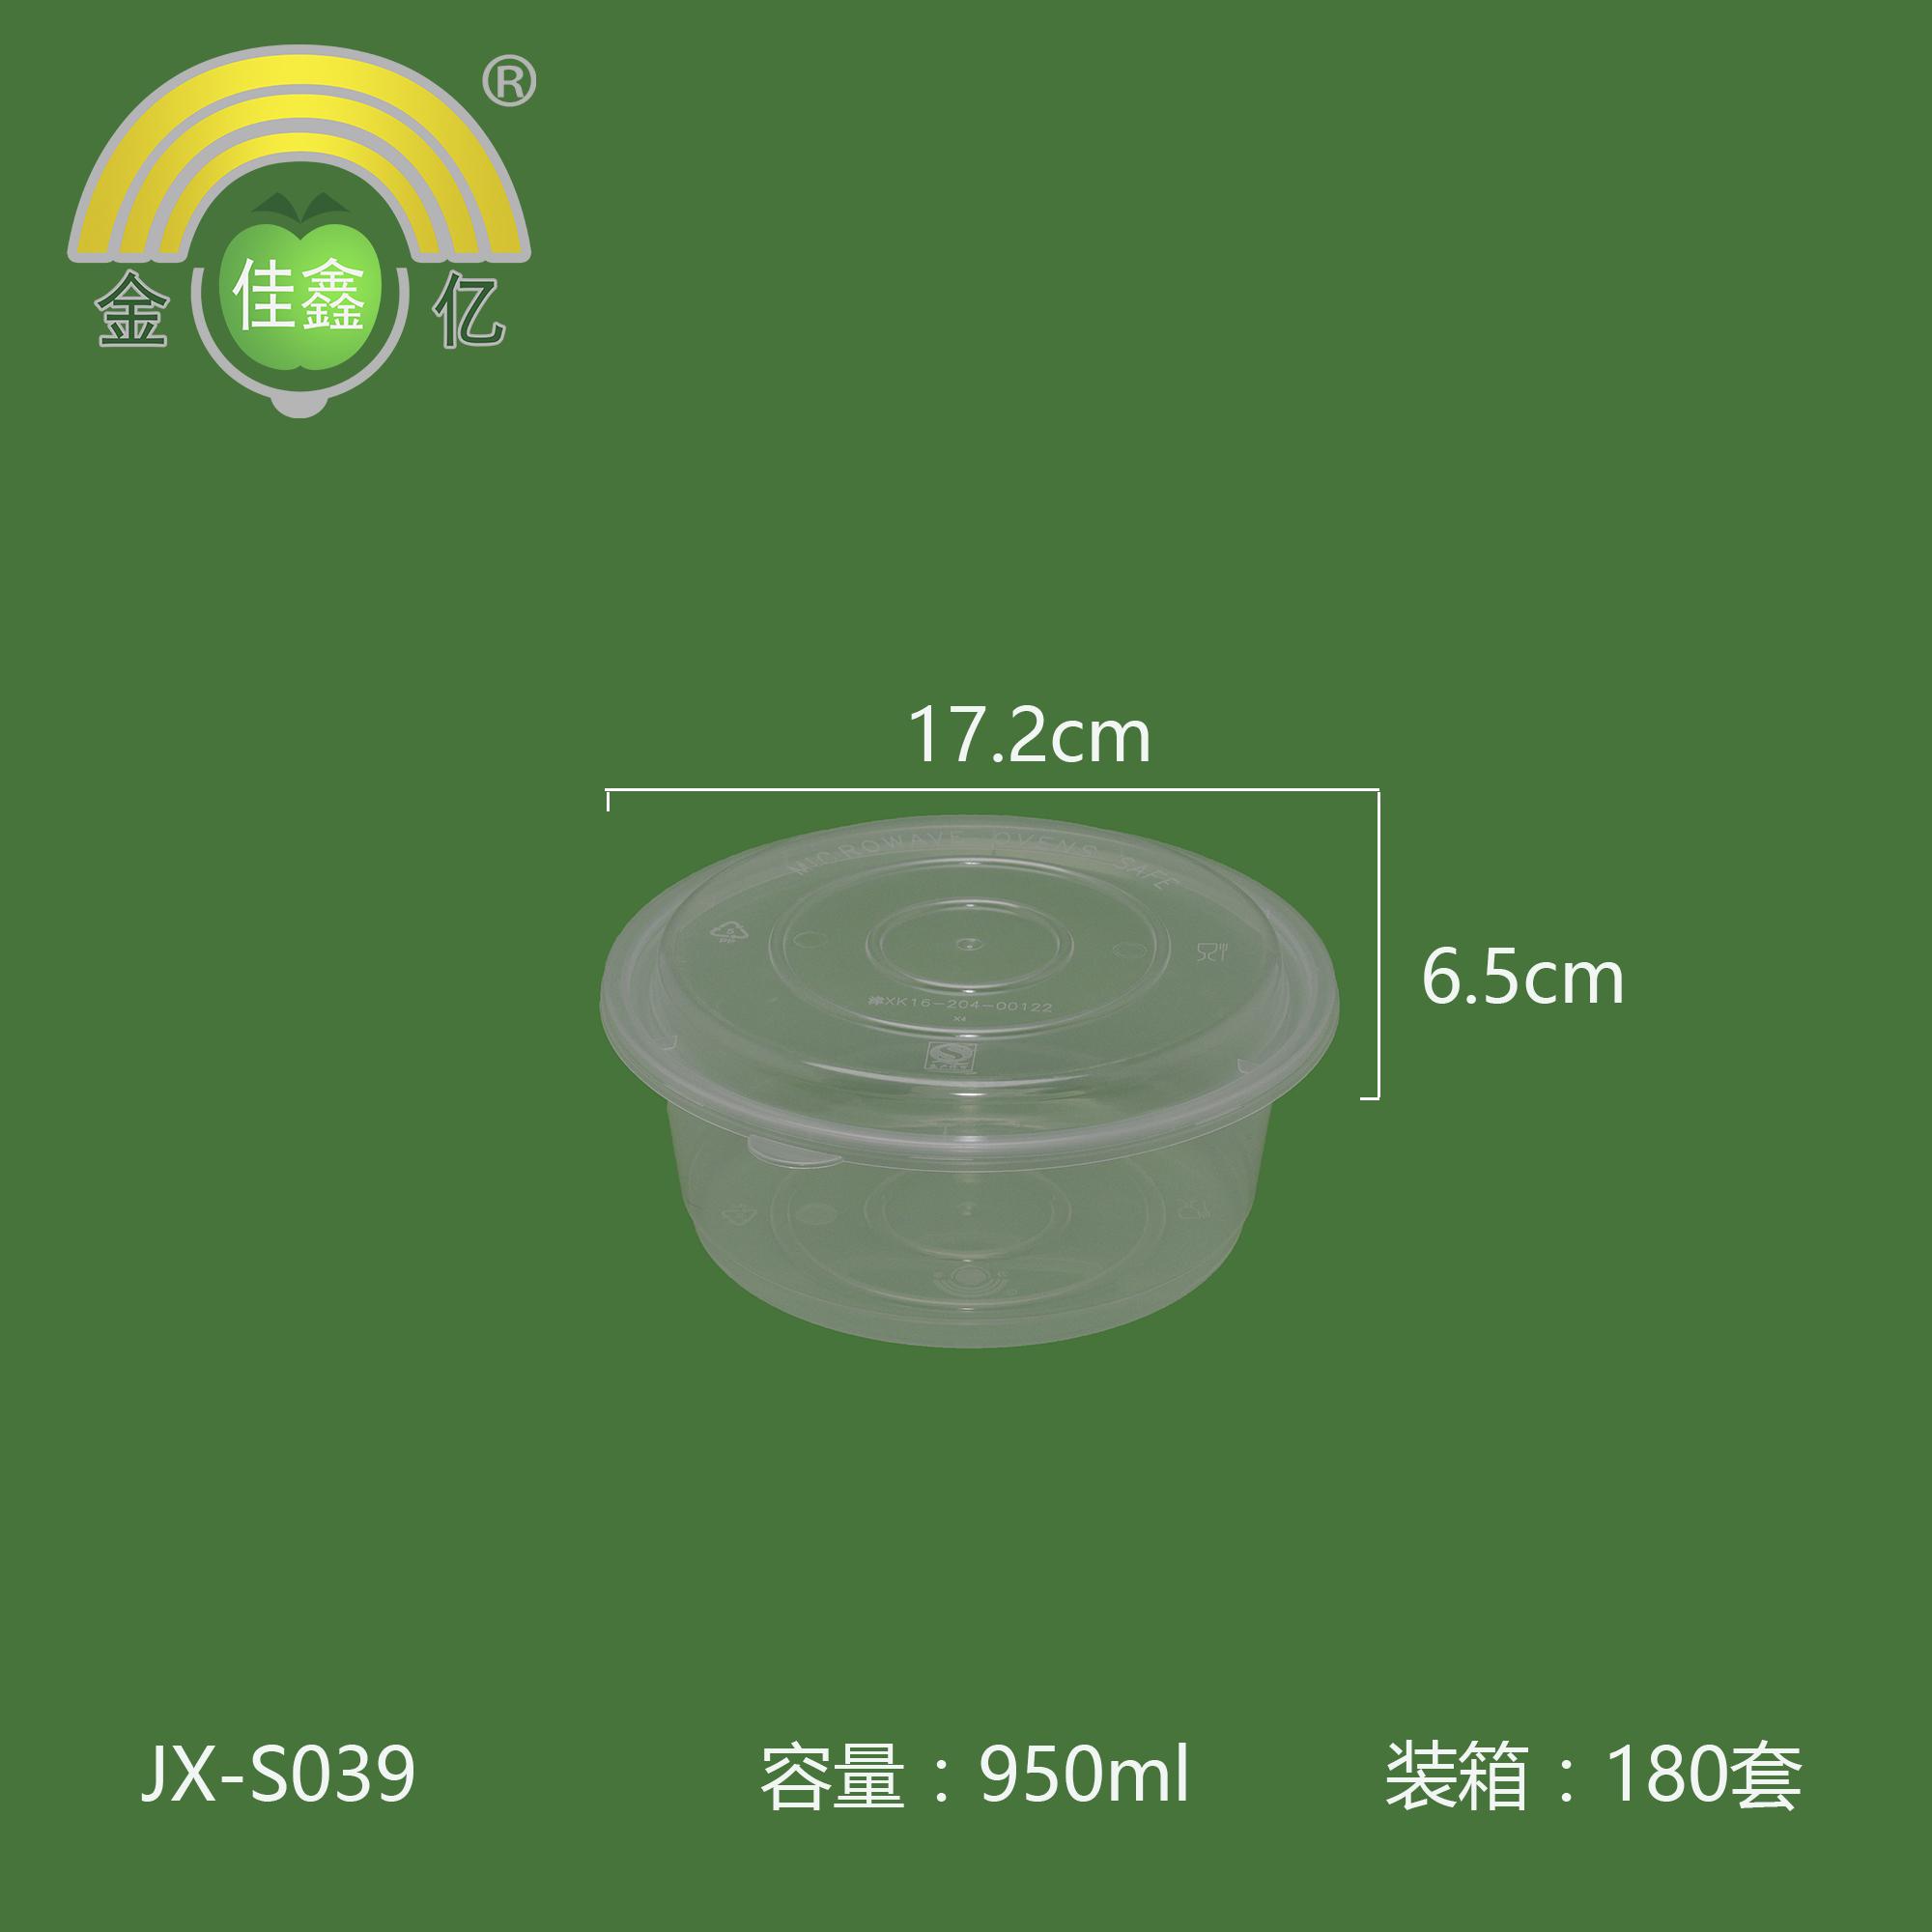 金亿佳鑫  高盖大圆碗  JX-S039